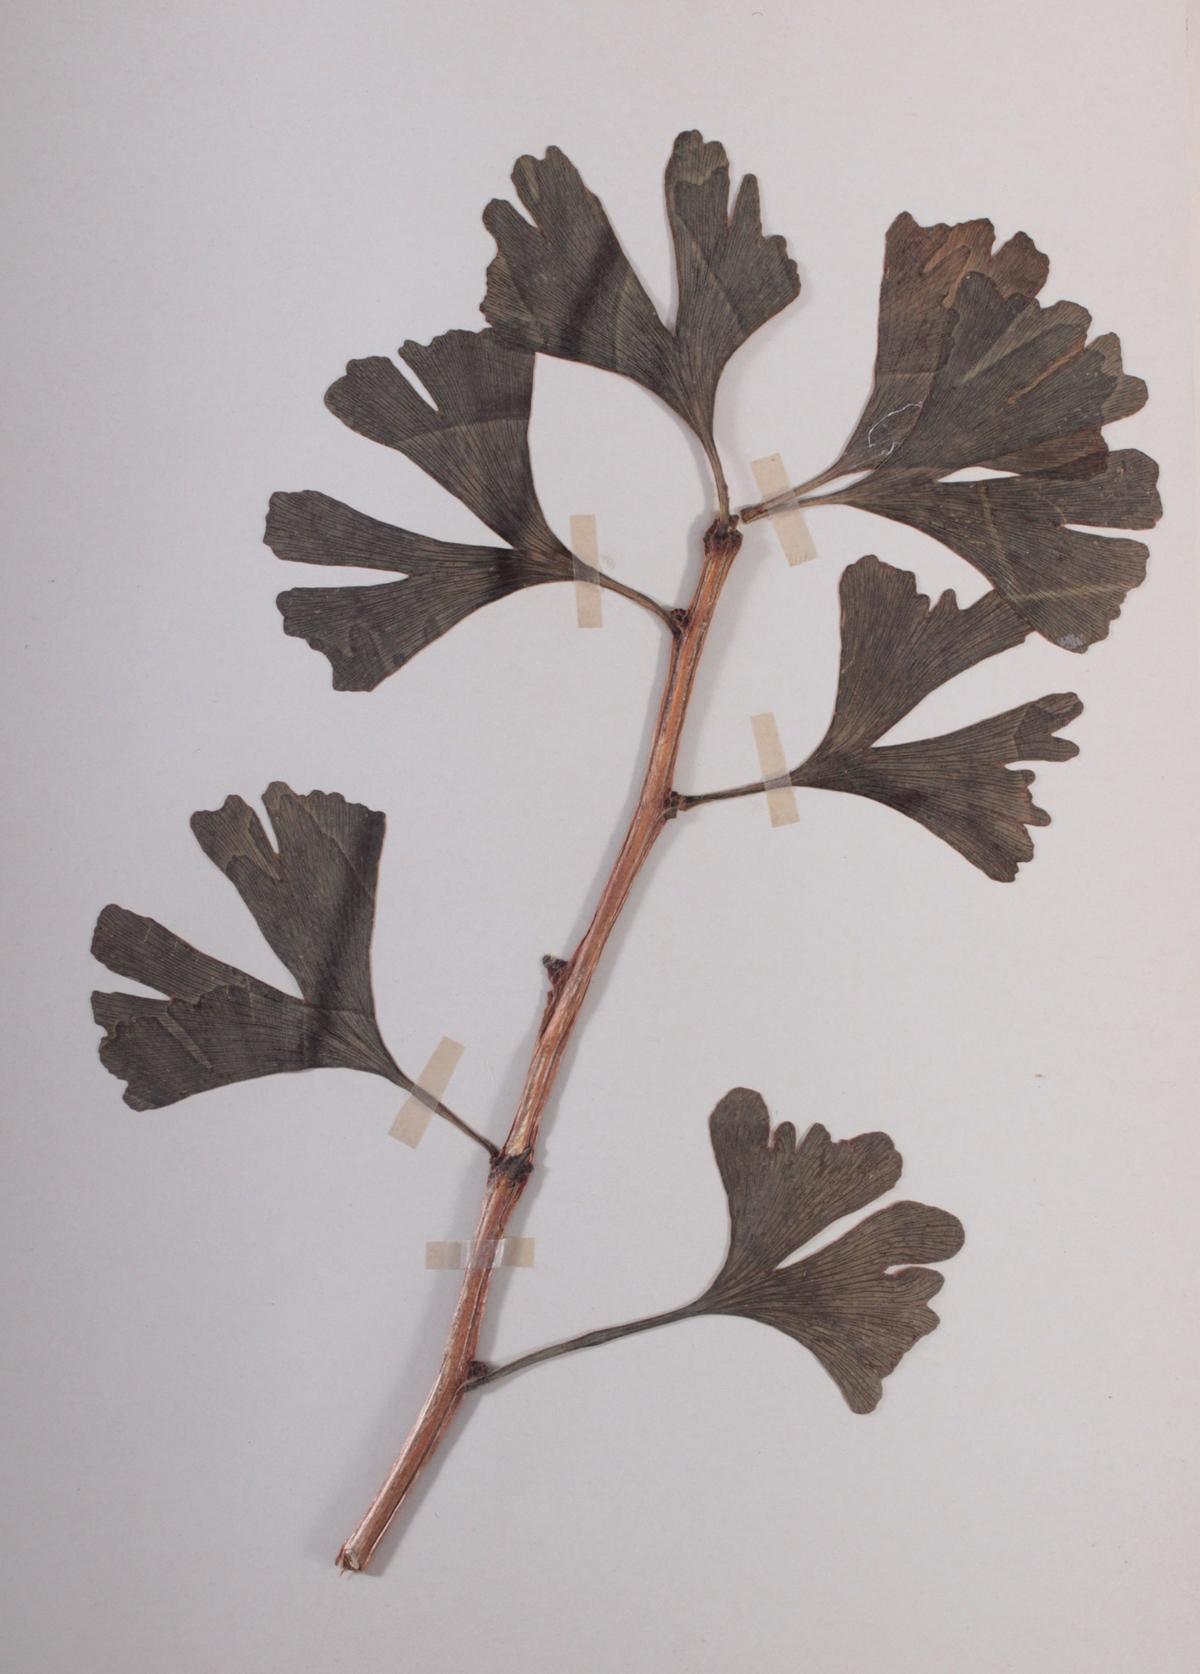 Herbarium, selbstgestaltete Mappe mit getrockneten Pflanzen, hier die Nr. 1, 1. Hälfte 20. Jh.-2